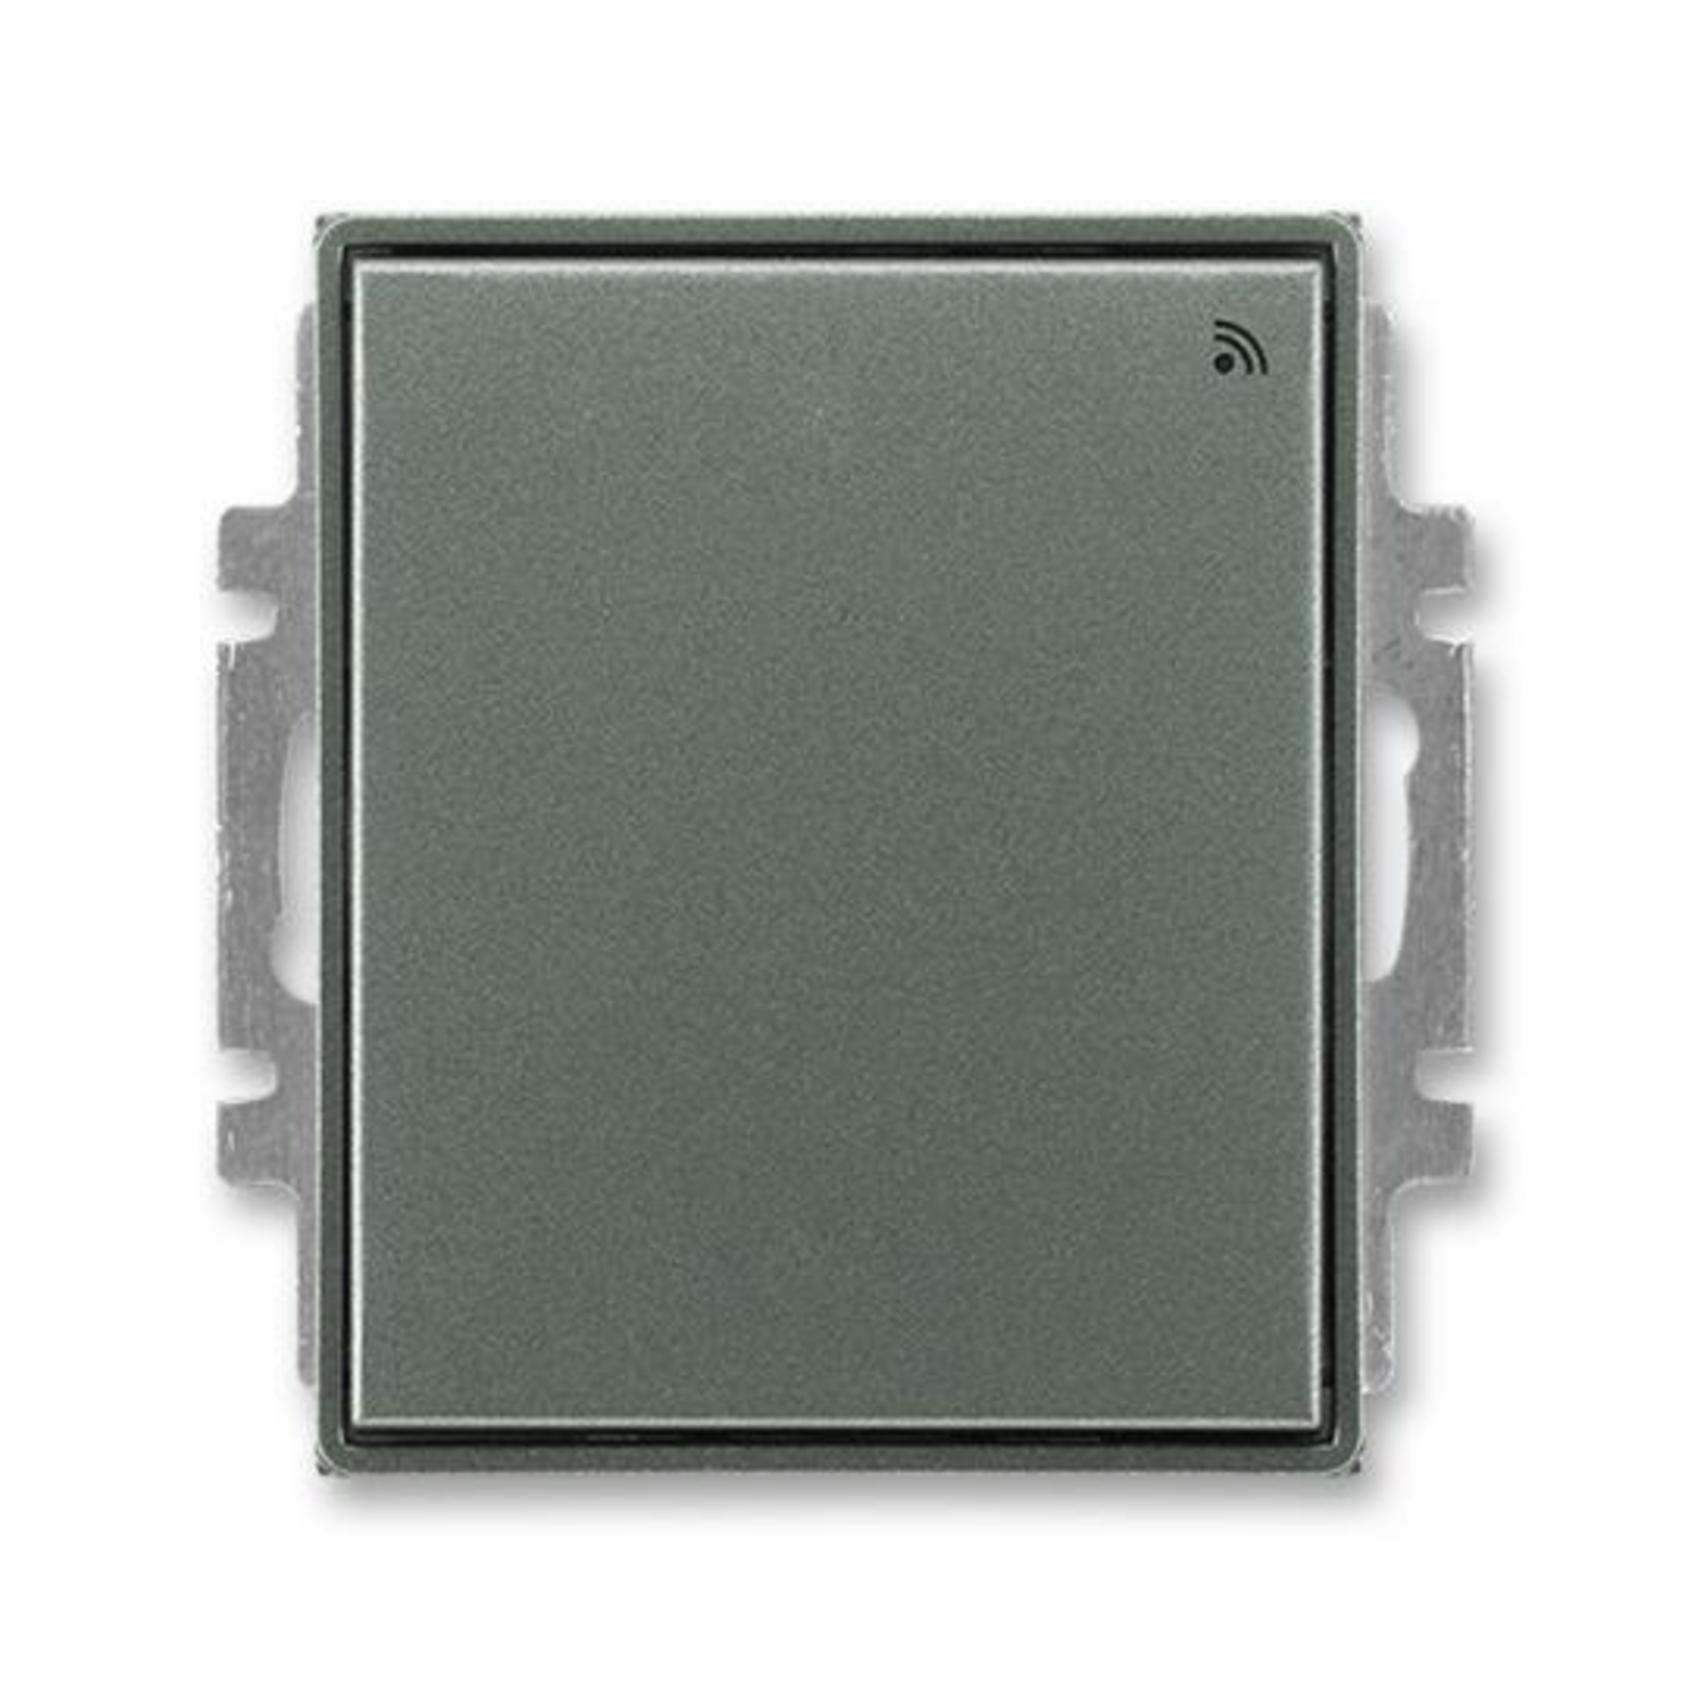 ABB 3299E-A23108 34 Time Spínač s krátkocestným ovladačem, s přijímačem RF signálu, 868 MHz